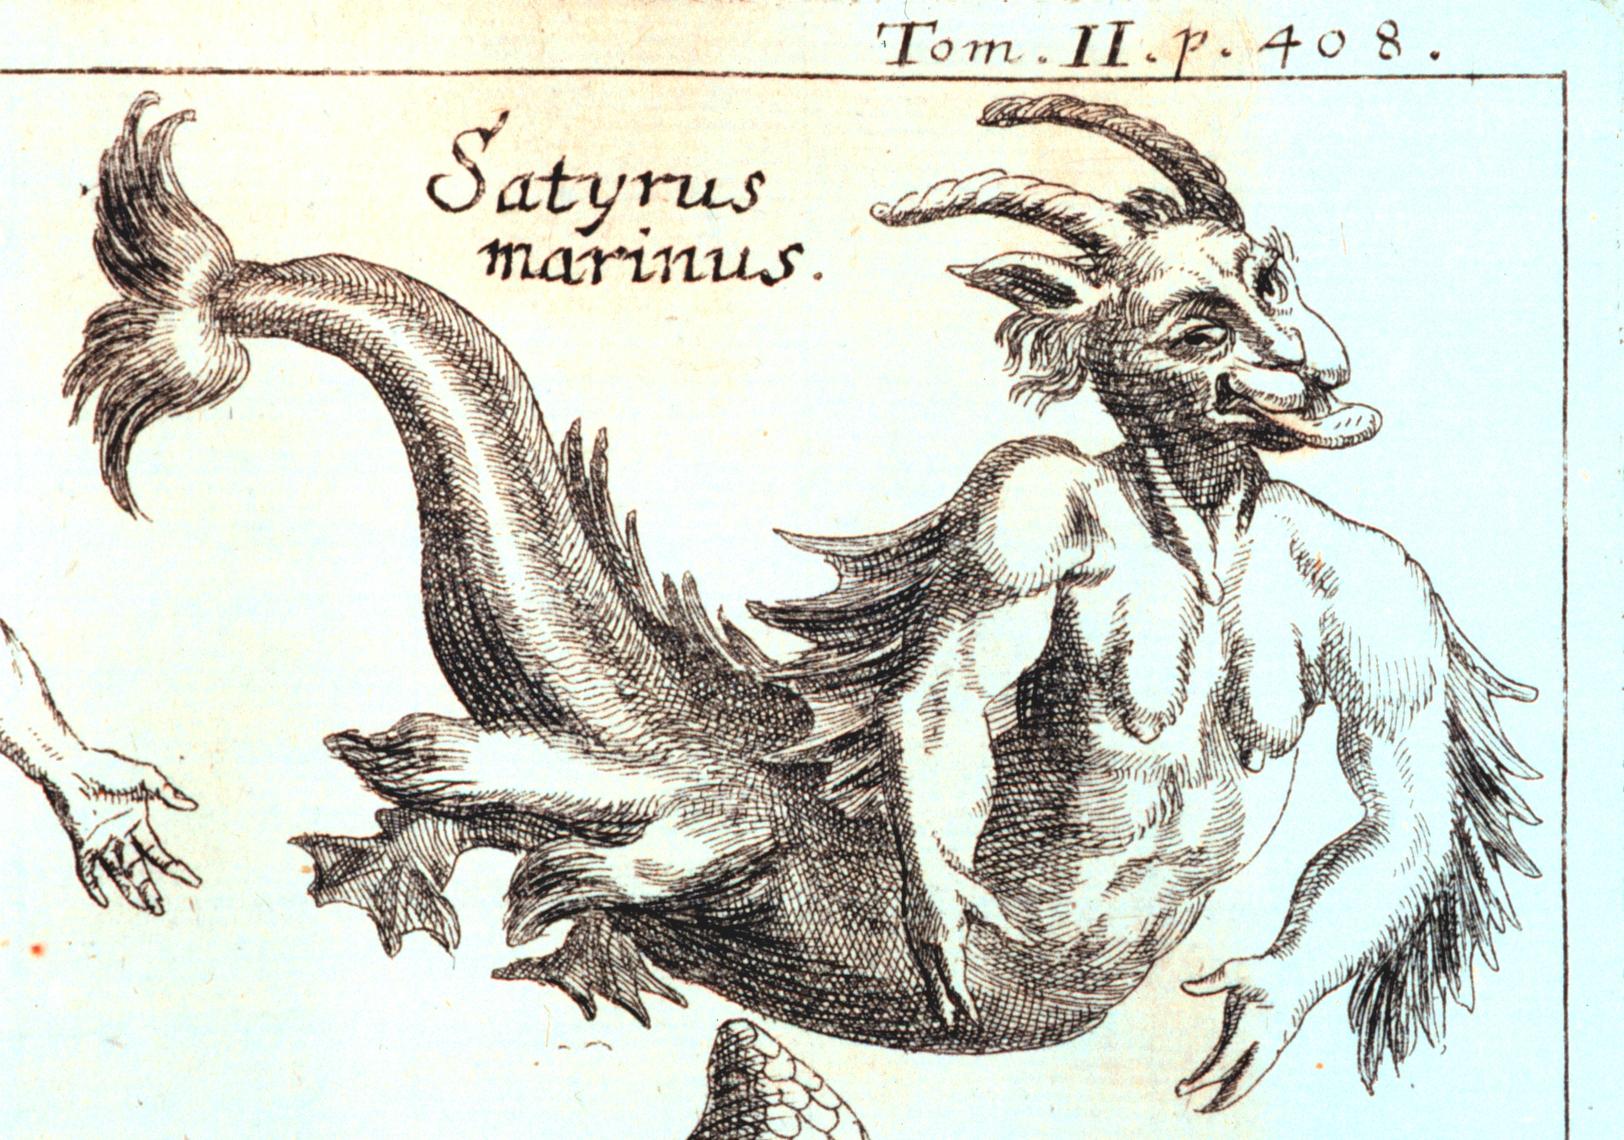 File:Zahn, Johann - Mythical Satyrus marinus - 1696.jpg